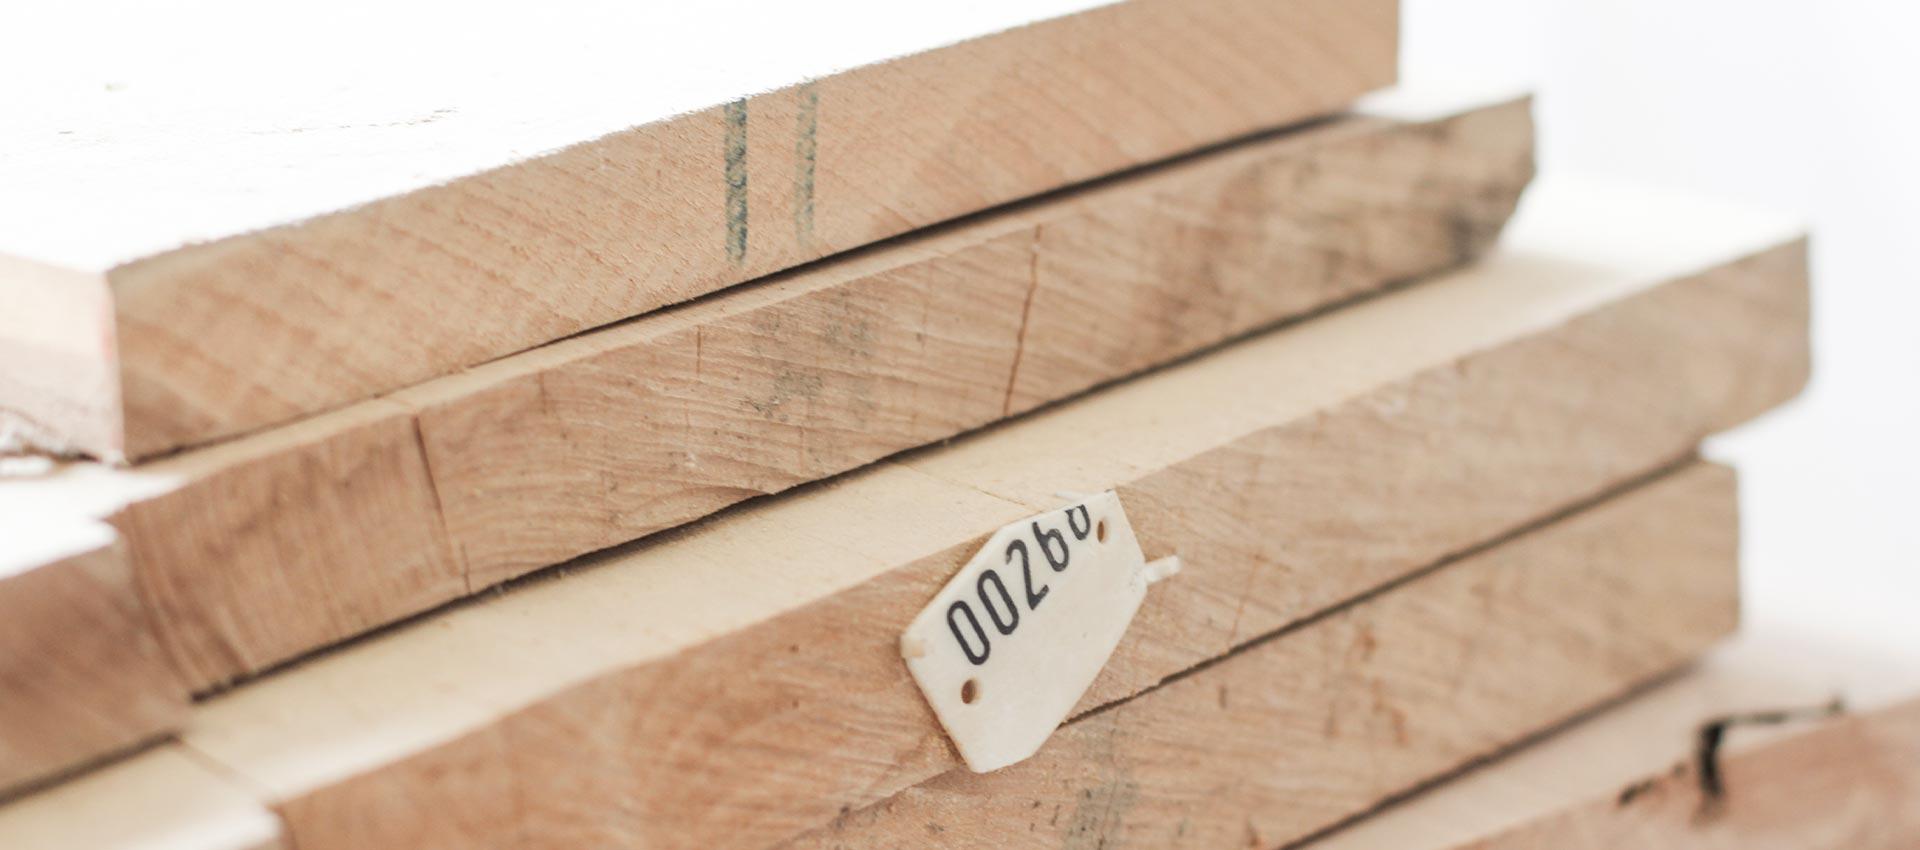 Holz wird knapp – Tische werden emotional